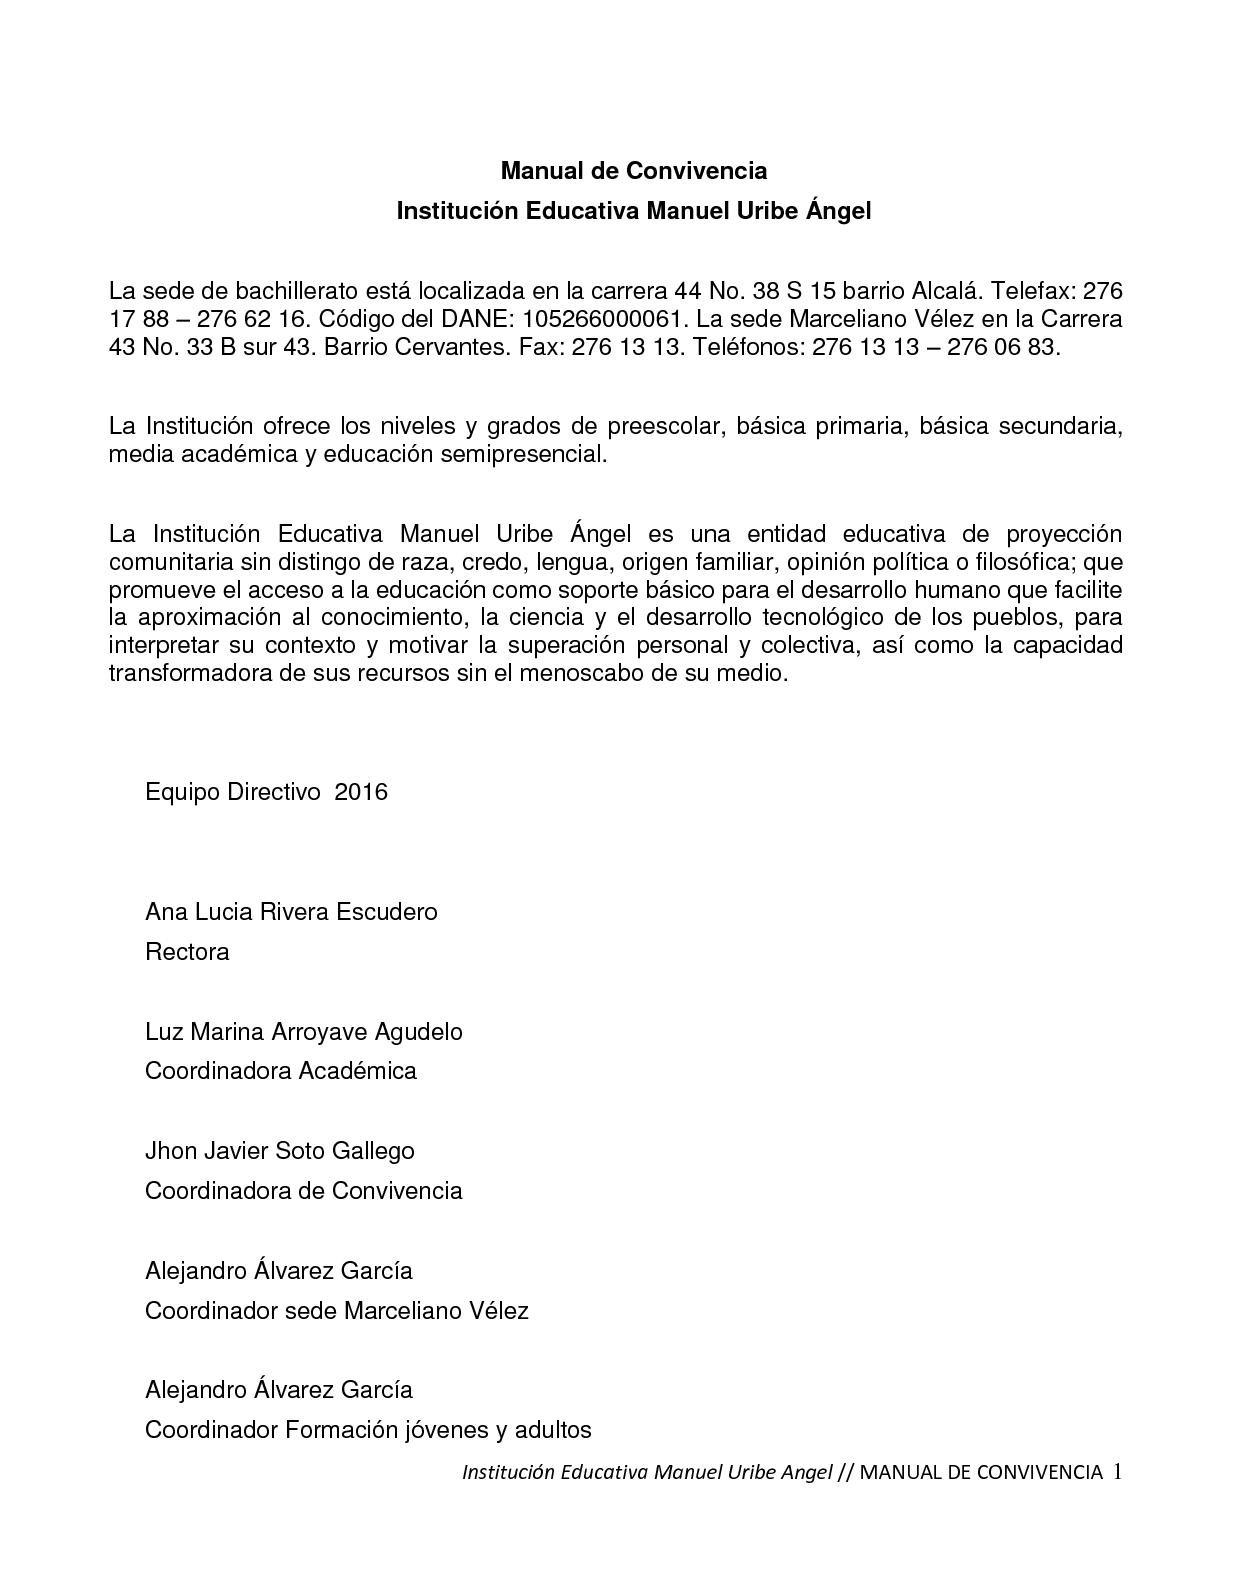 Calendario 2019 Escolar Secundaria Más Reciente Calaméo Manual De Convivencia Mua 2017 Of Calendario 2019 Escolar Secundaria Más Arriba-a-fecha Universidad Aut³noma Benito Juárez De Oaxaca